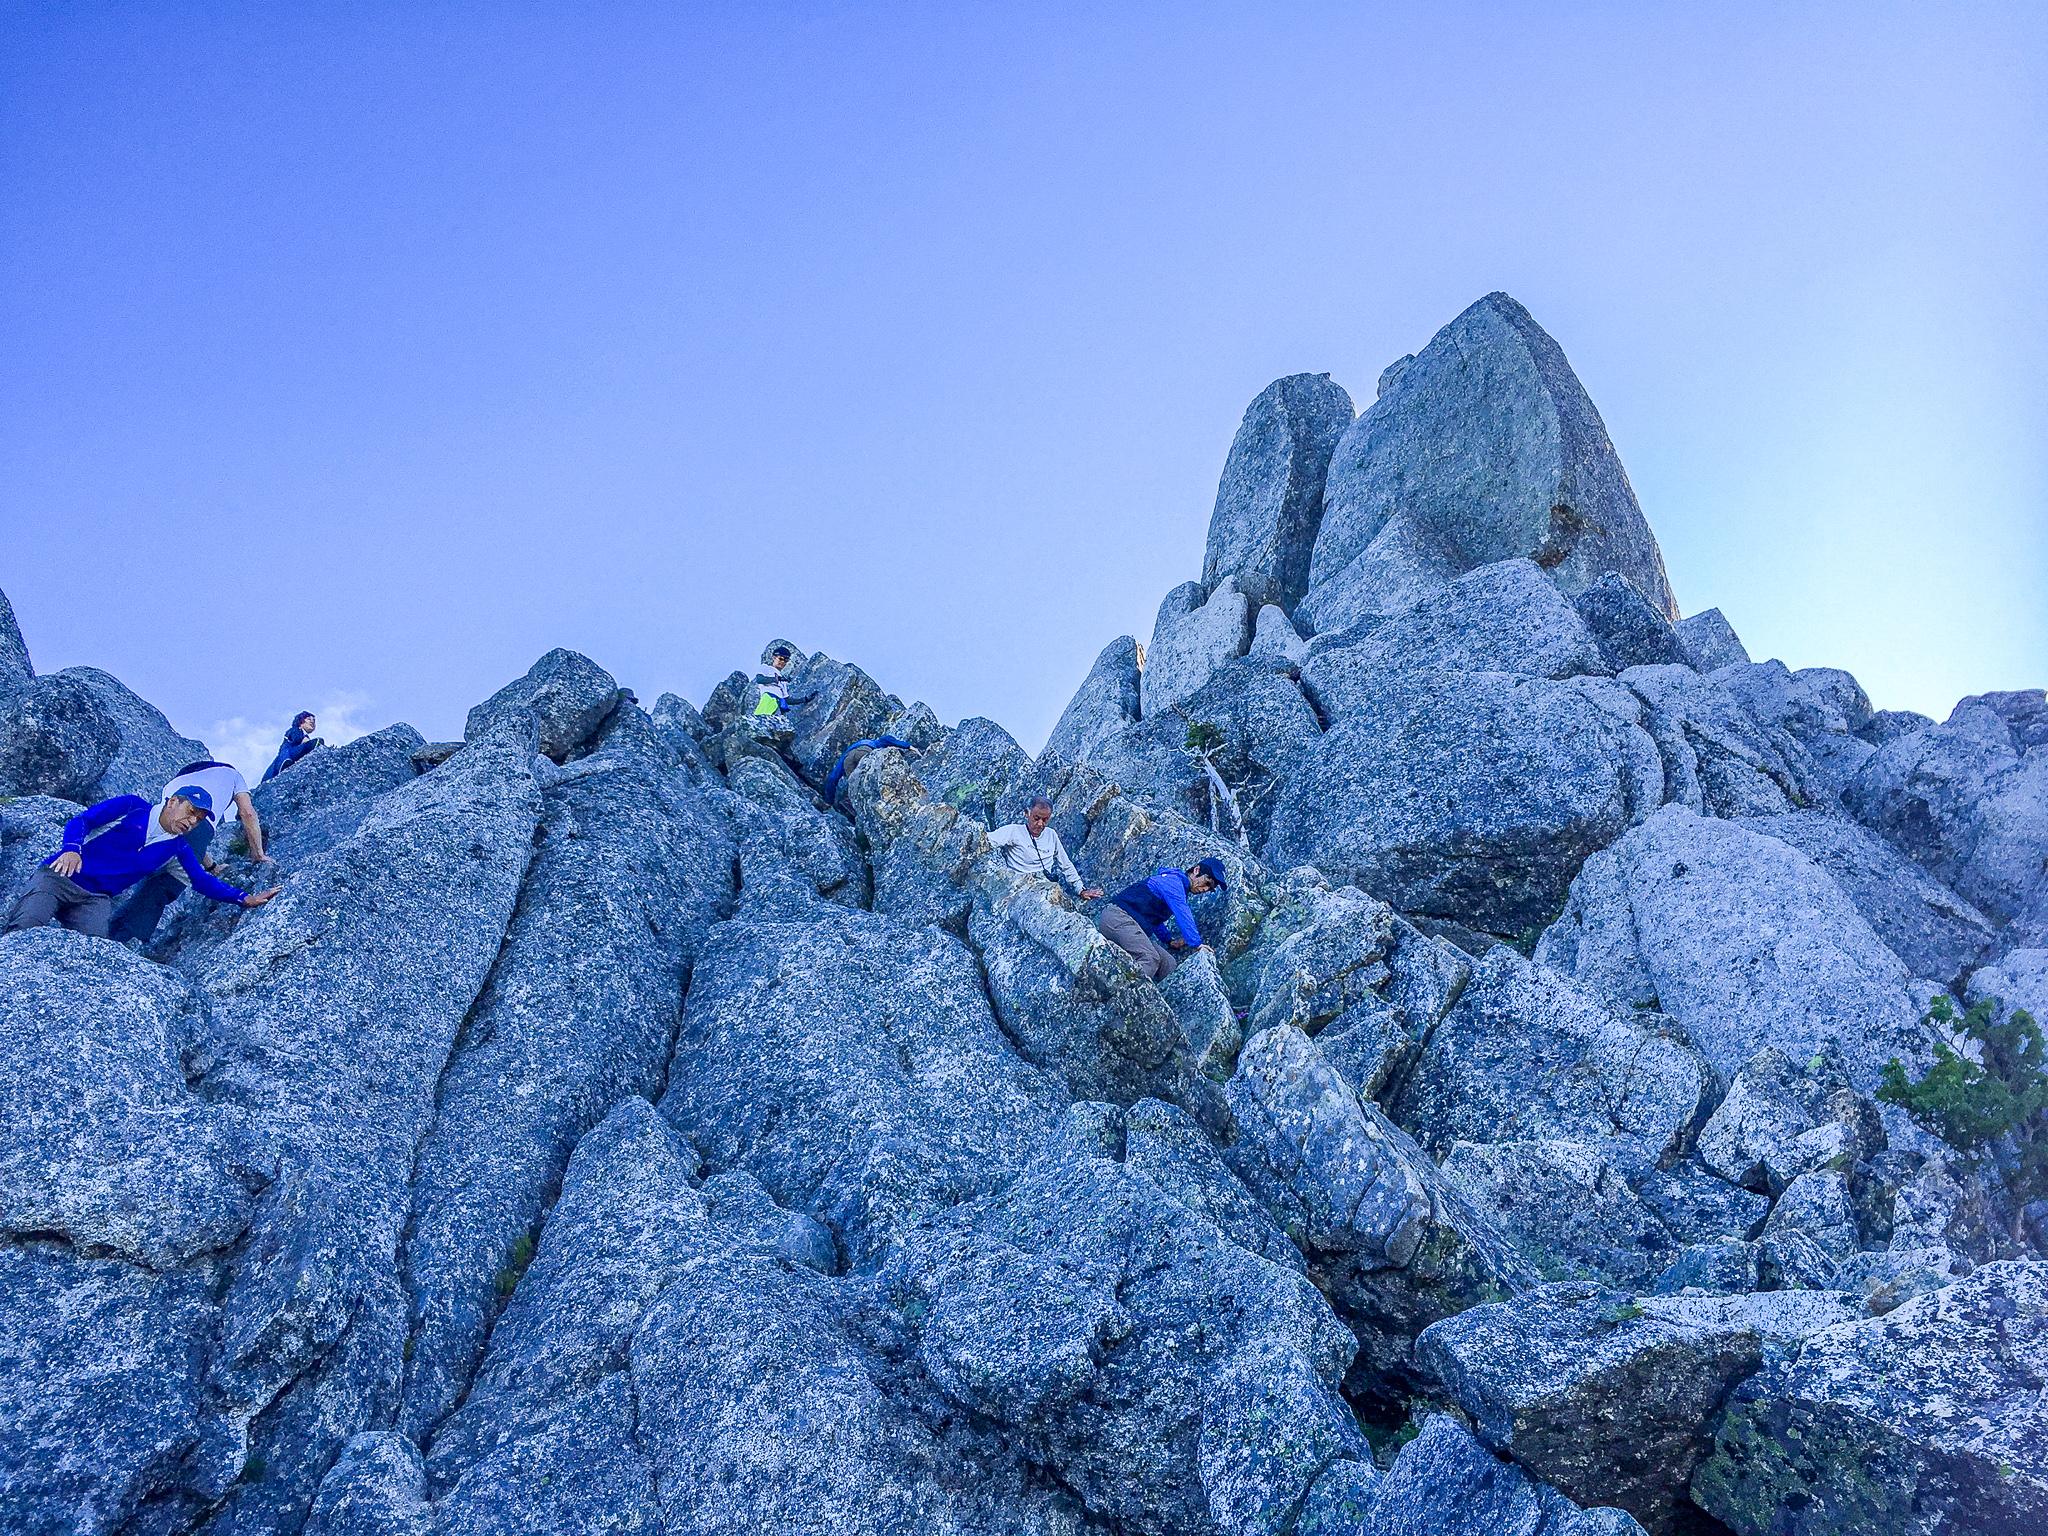 鳳凰三山・地蔵岳のオベリスクはアスレチック